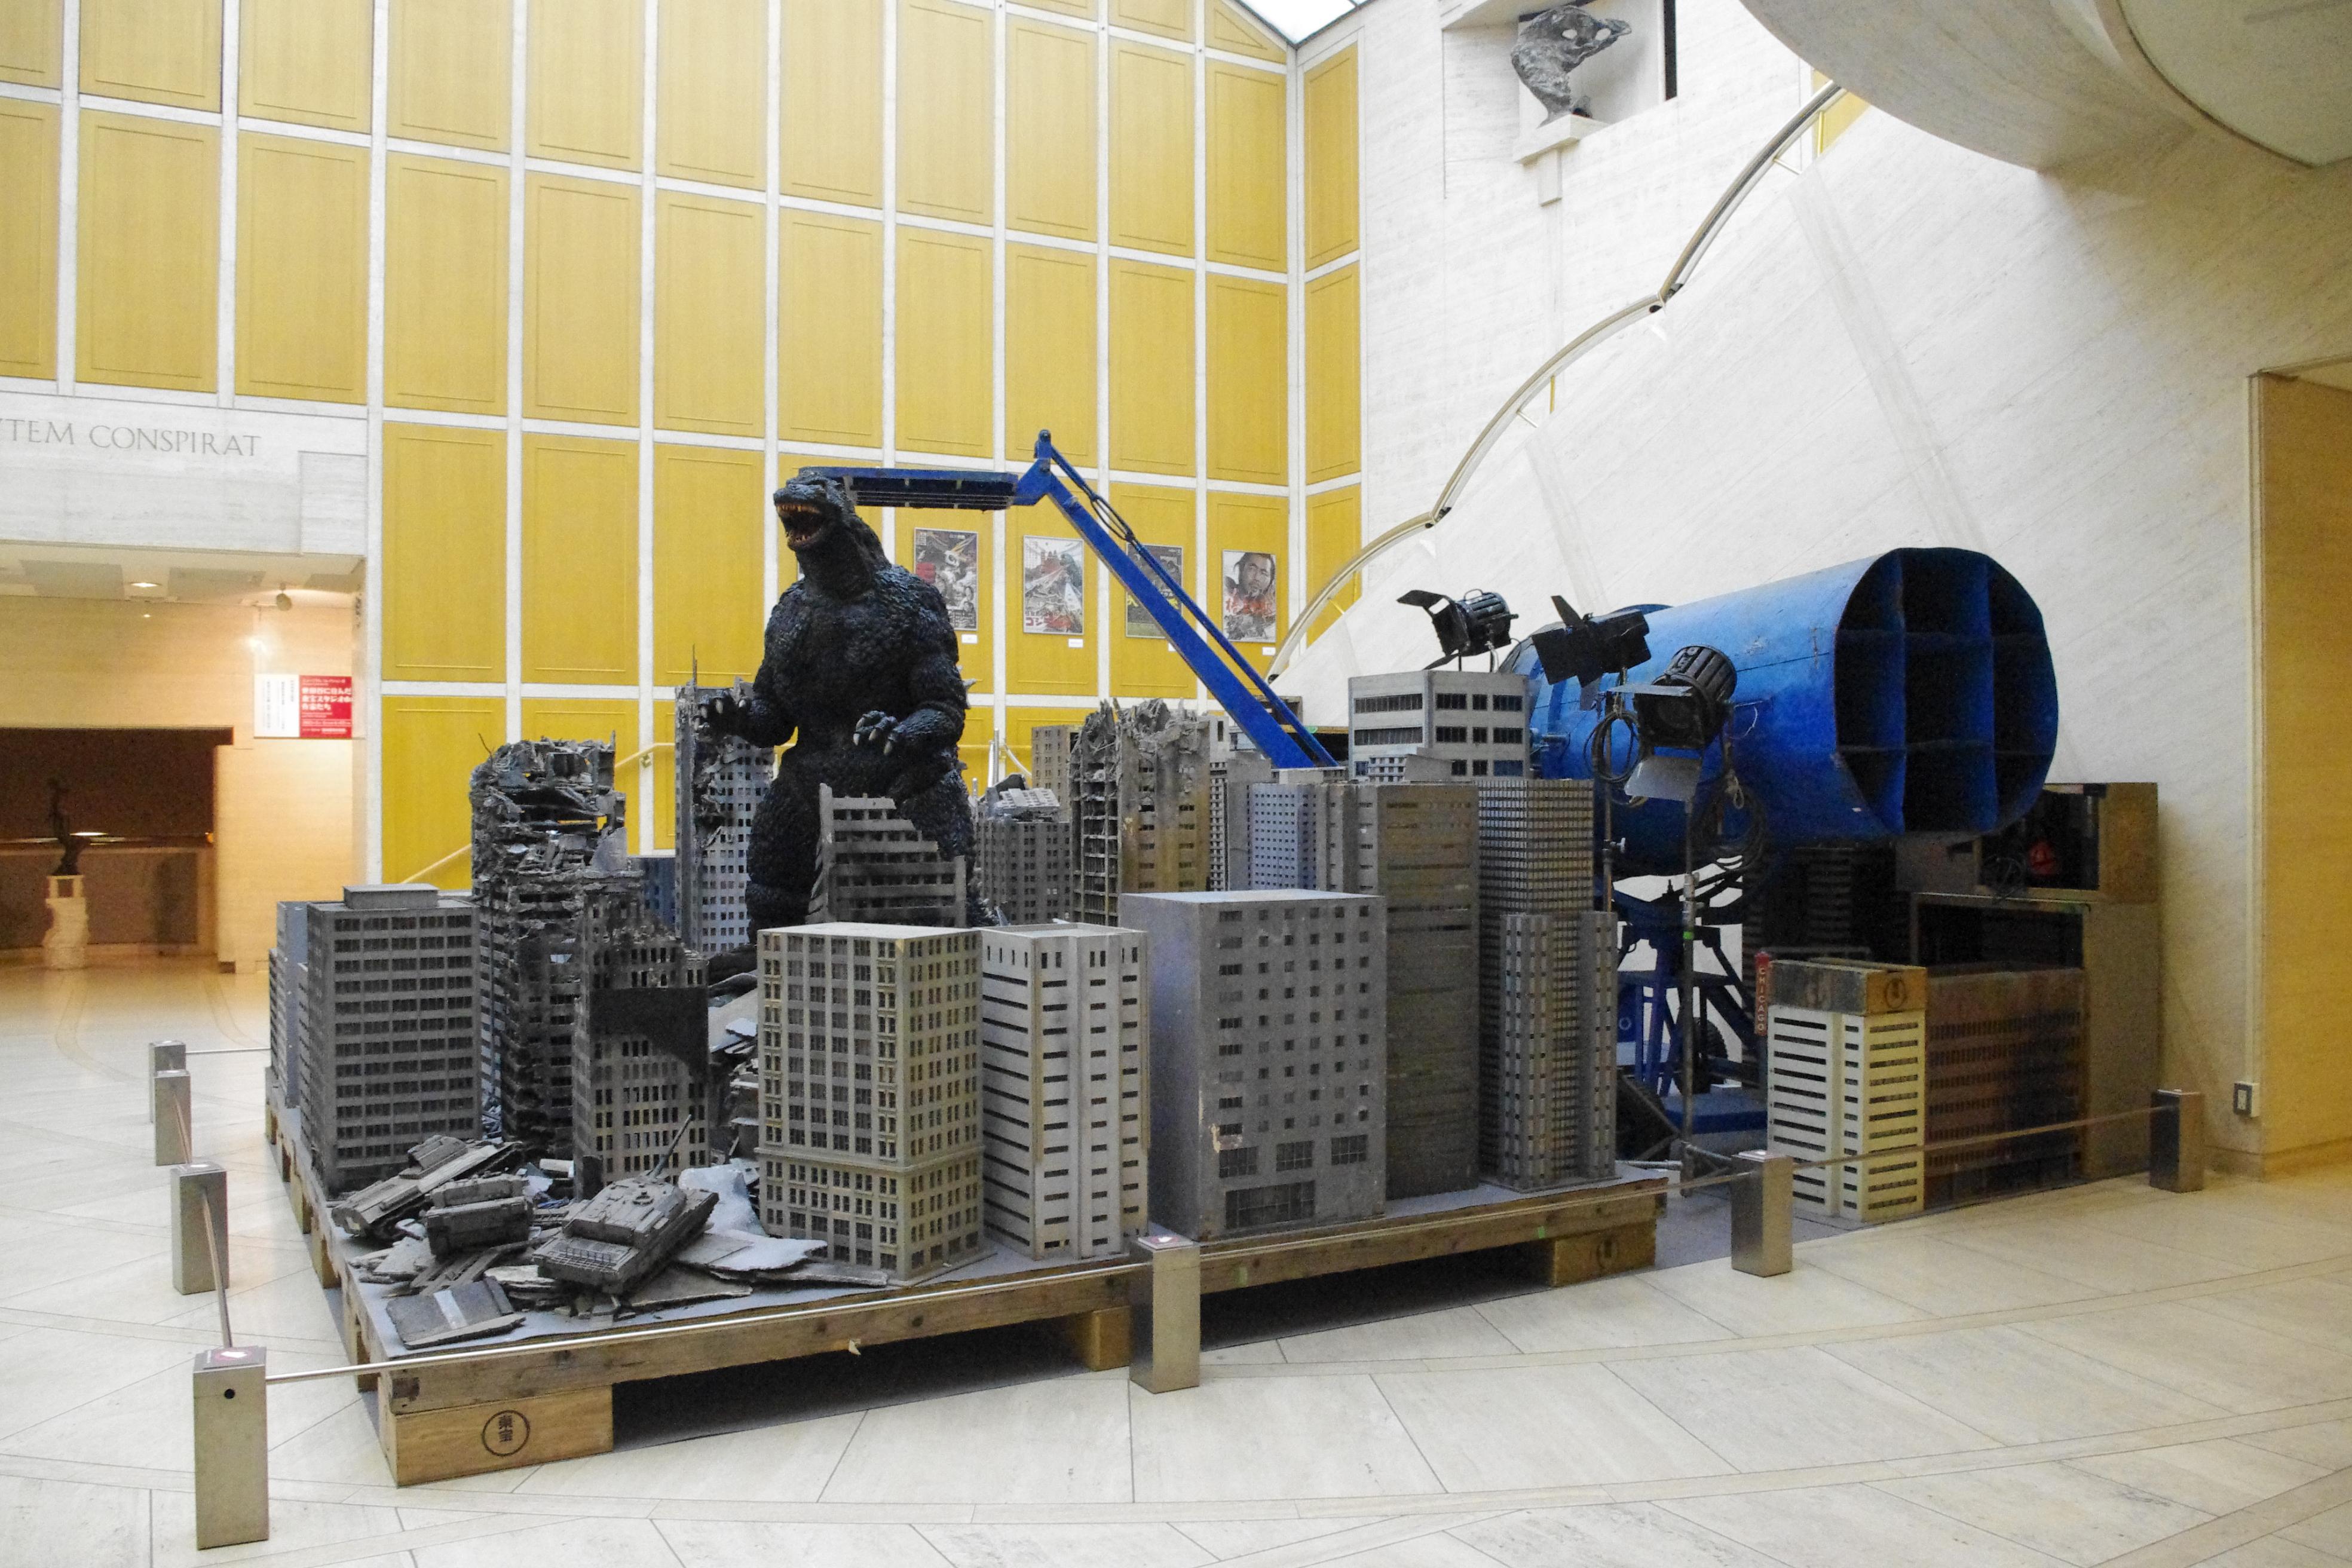 『東宝スタジオ展 映画=創造の現場』@世田谷美術館で 映画の裏側へDIVE!『ゴジラ』や『七人の侍』